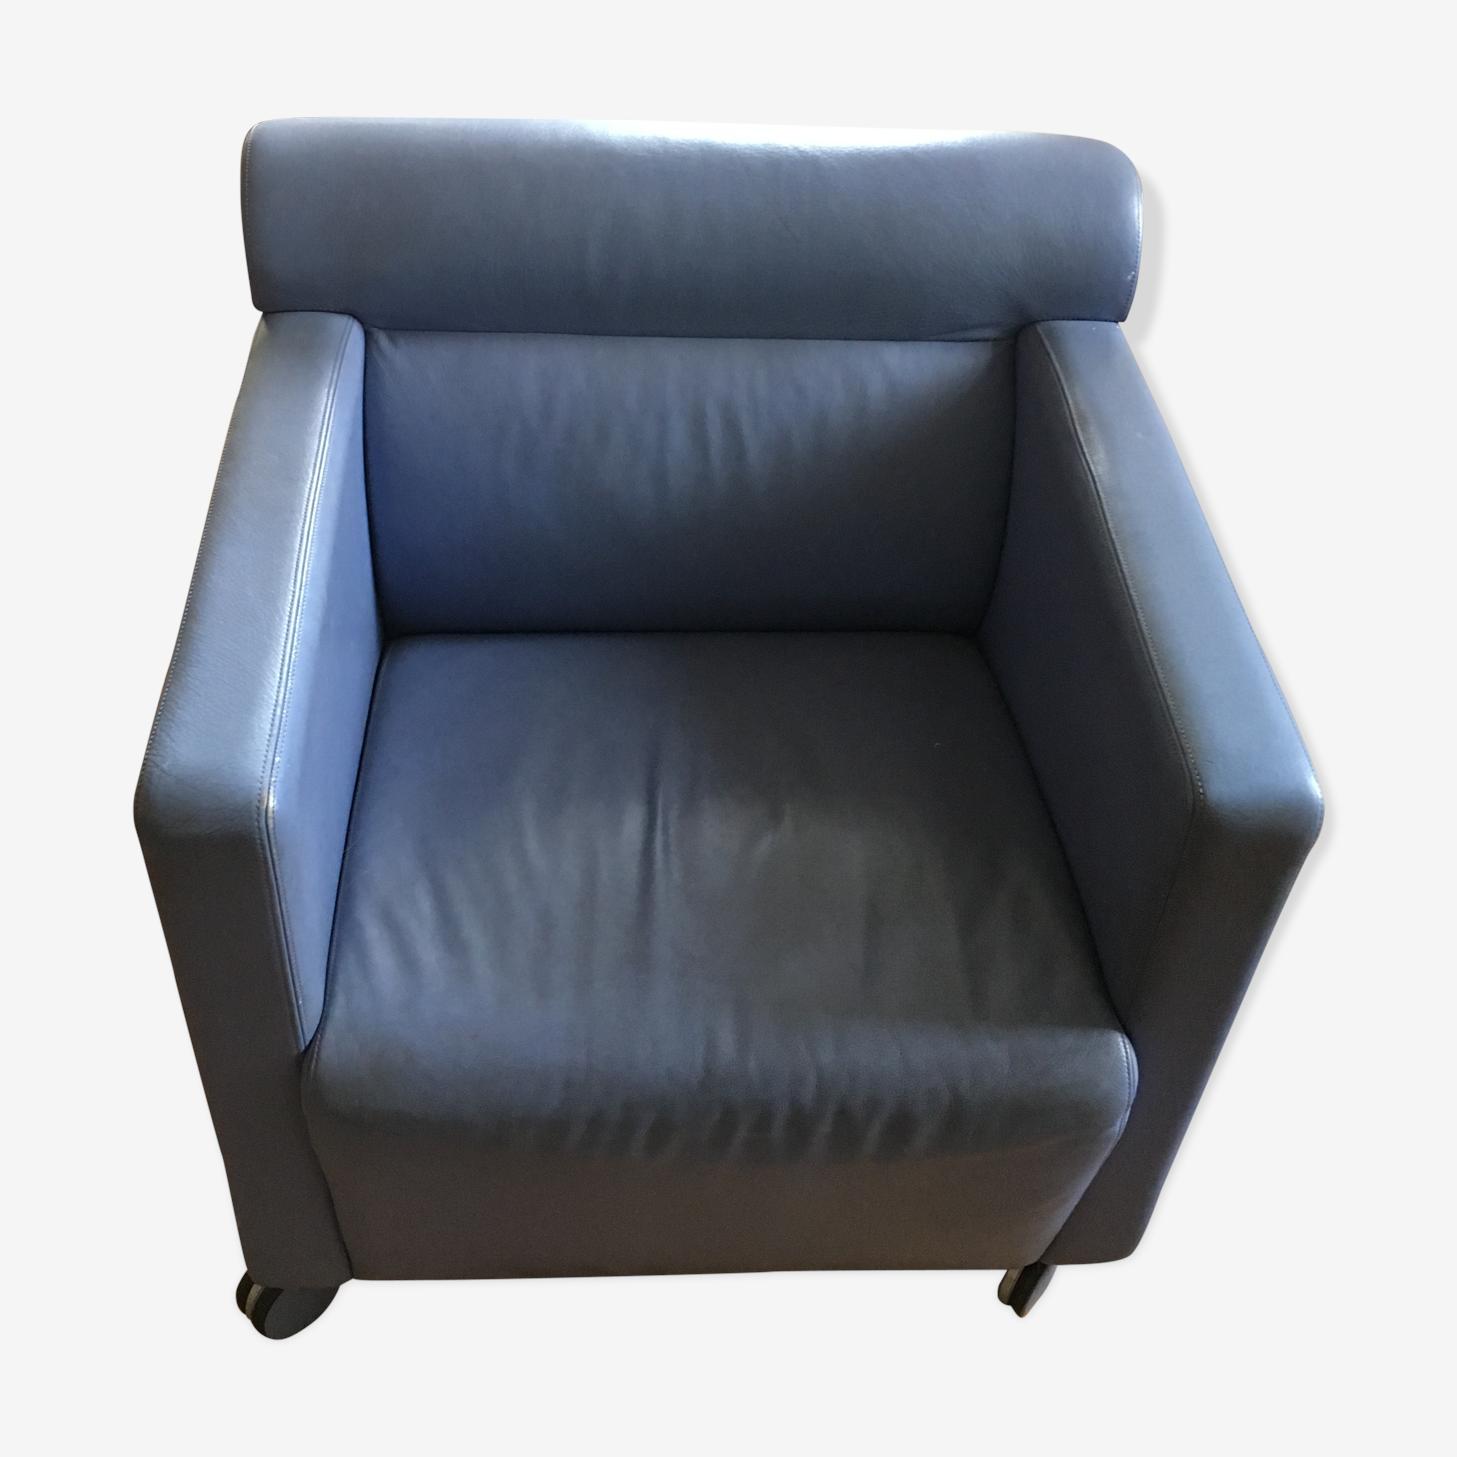 Fauteuil design Poltrona Frau cuir bleu art déco 9J7viVs